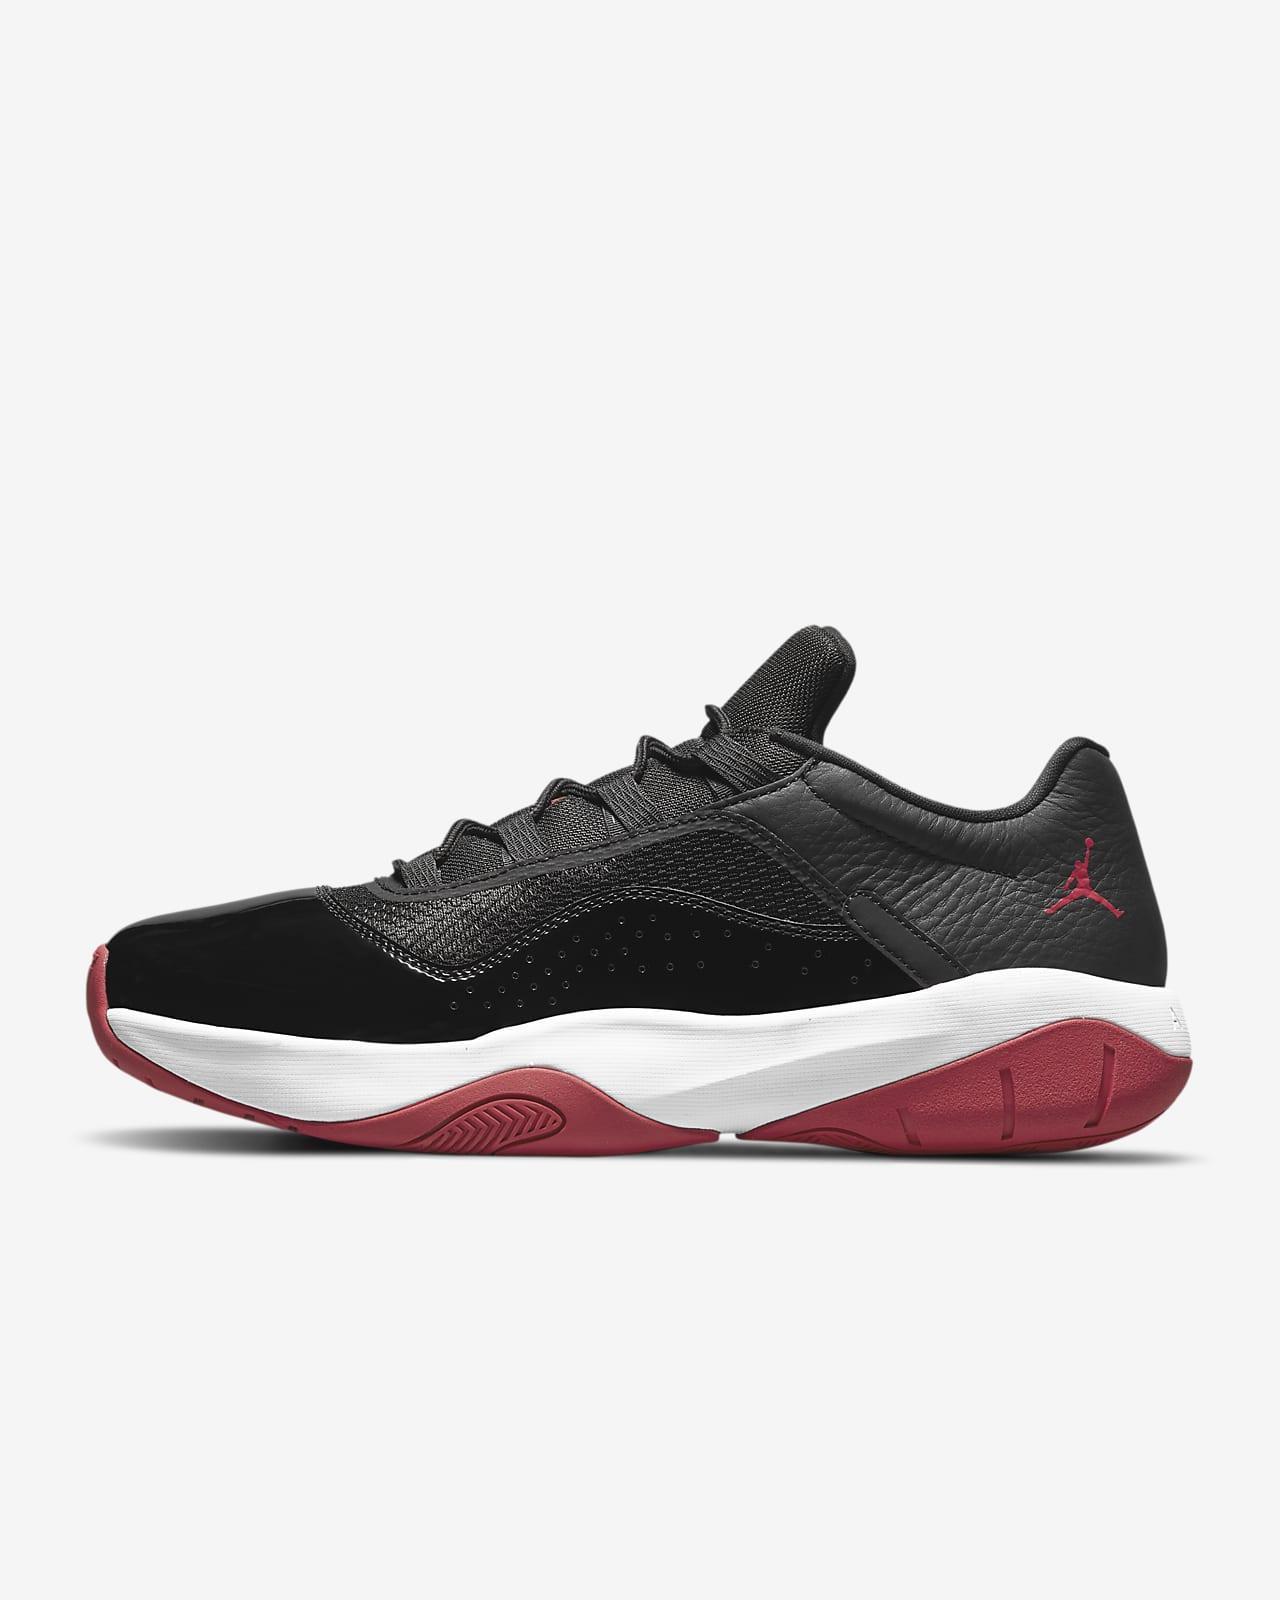 Air Jordan 11 CMFT Low 男子运动鞋